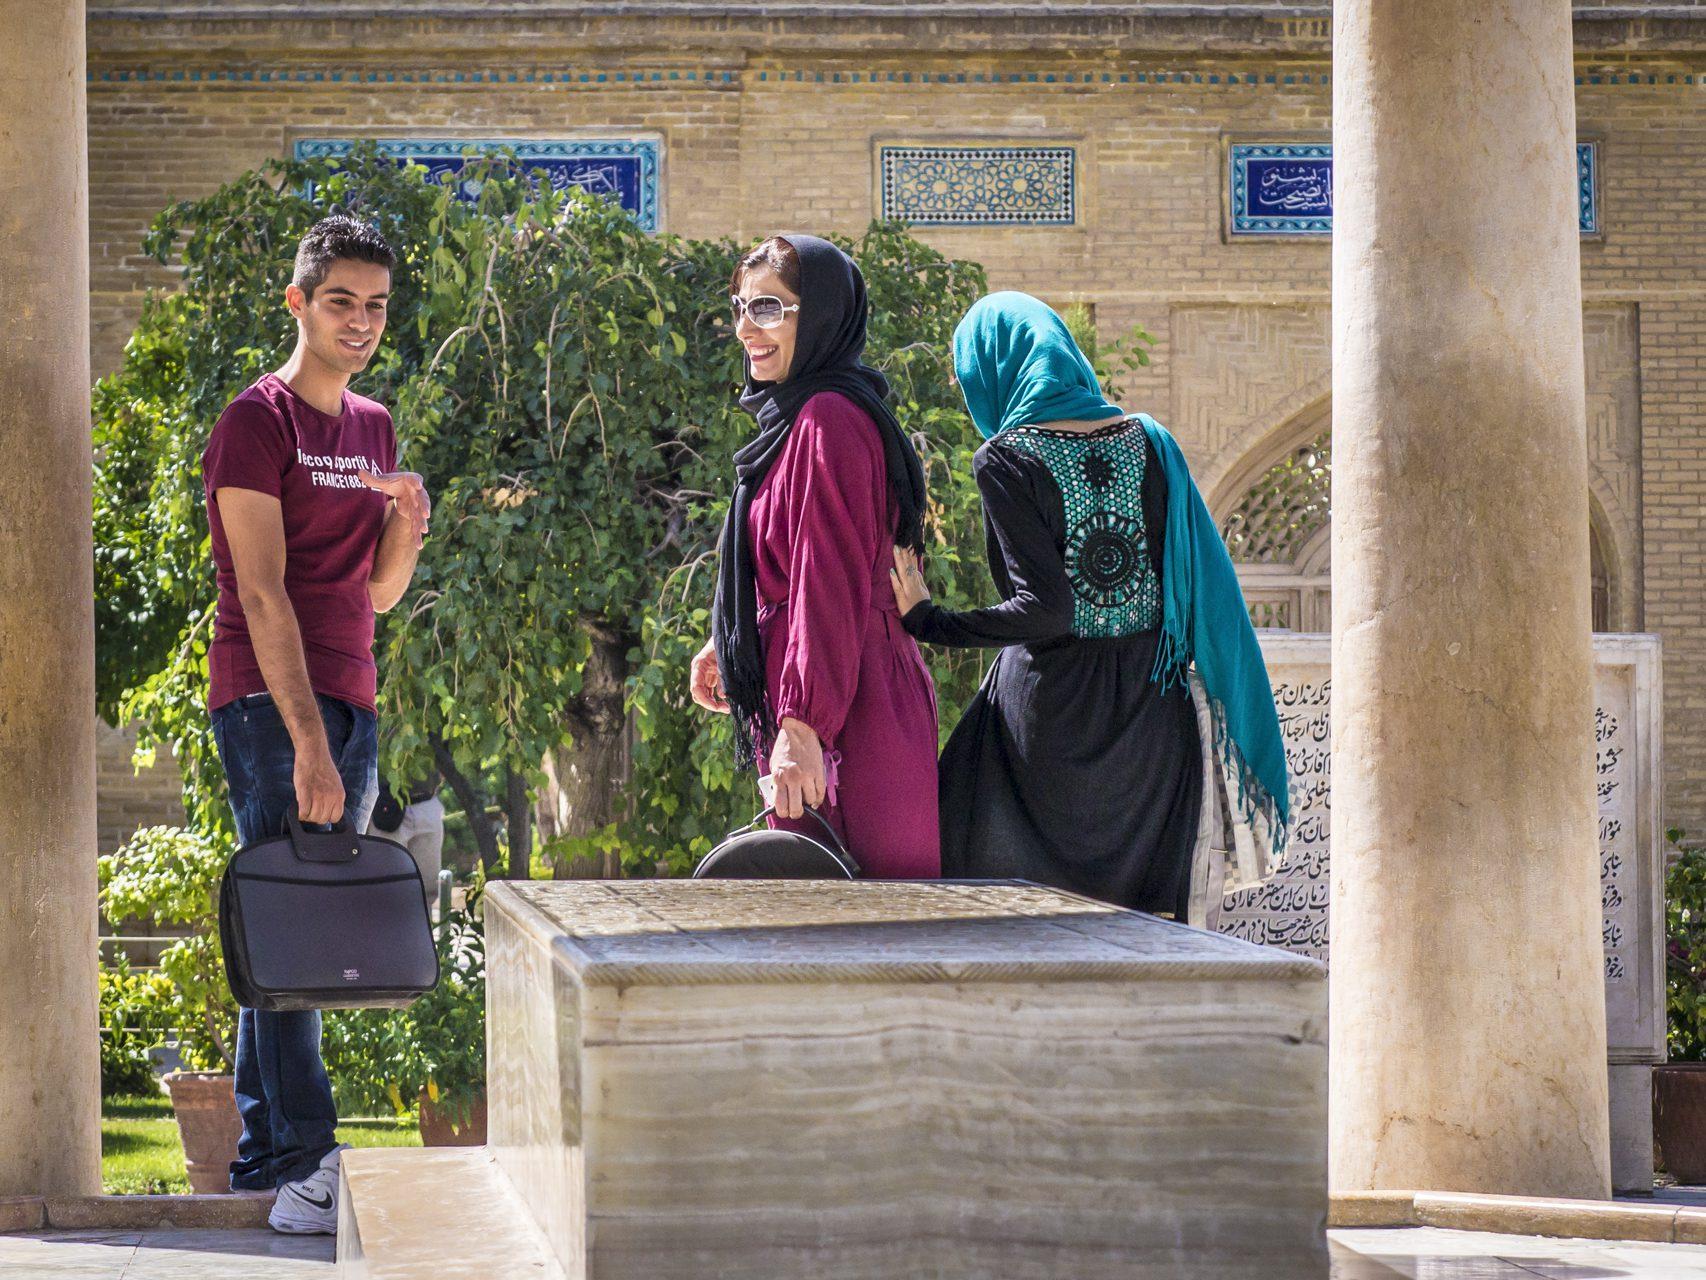 Iran, Schiras, Mausoleum des Dichters Hafis, Asien, 16.07.2014